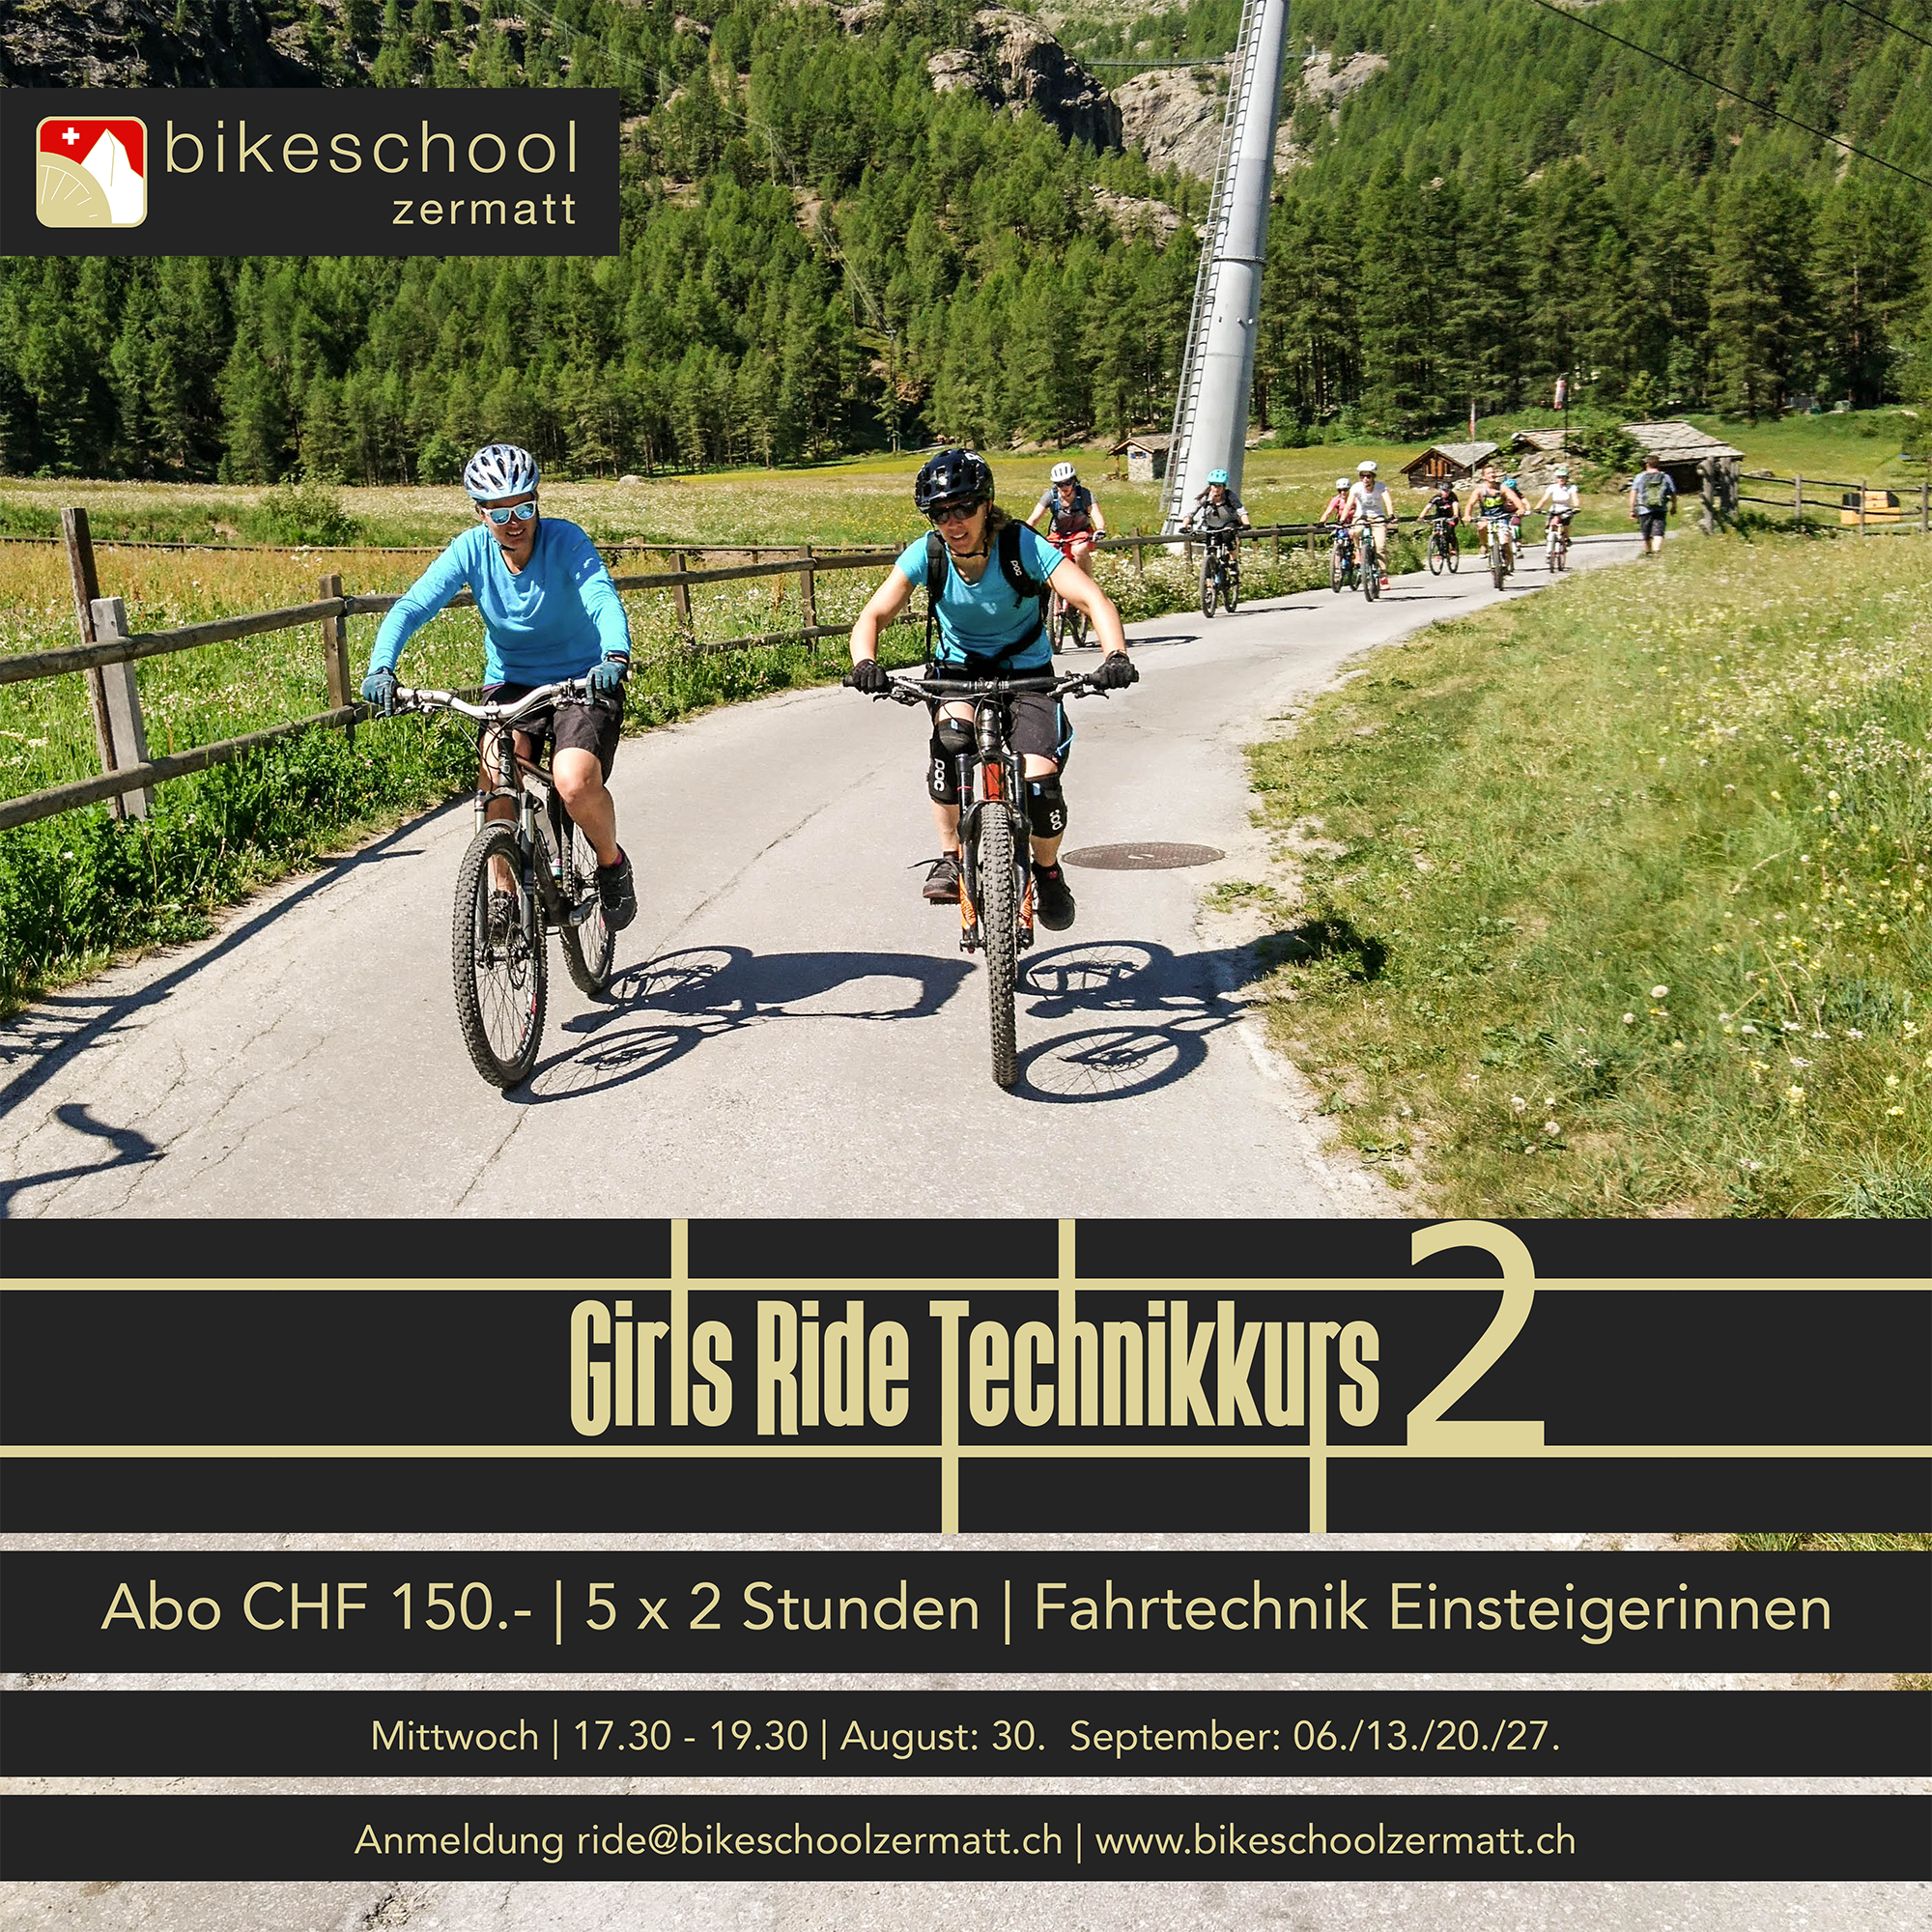 Girls_Ride_Technikkurs_2_klein.png